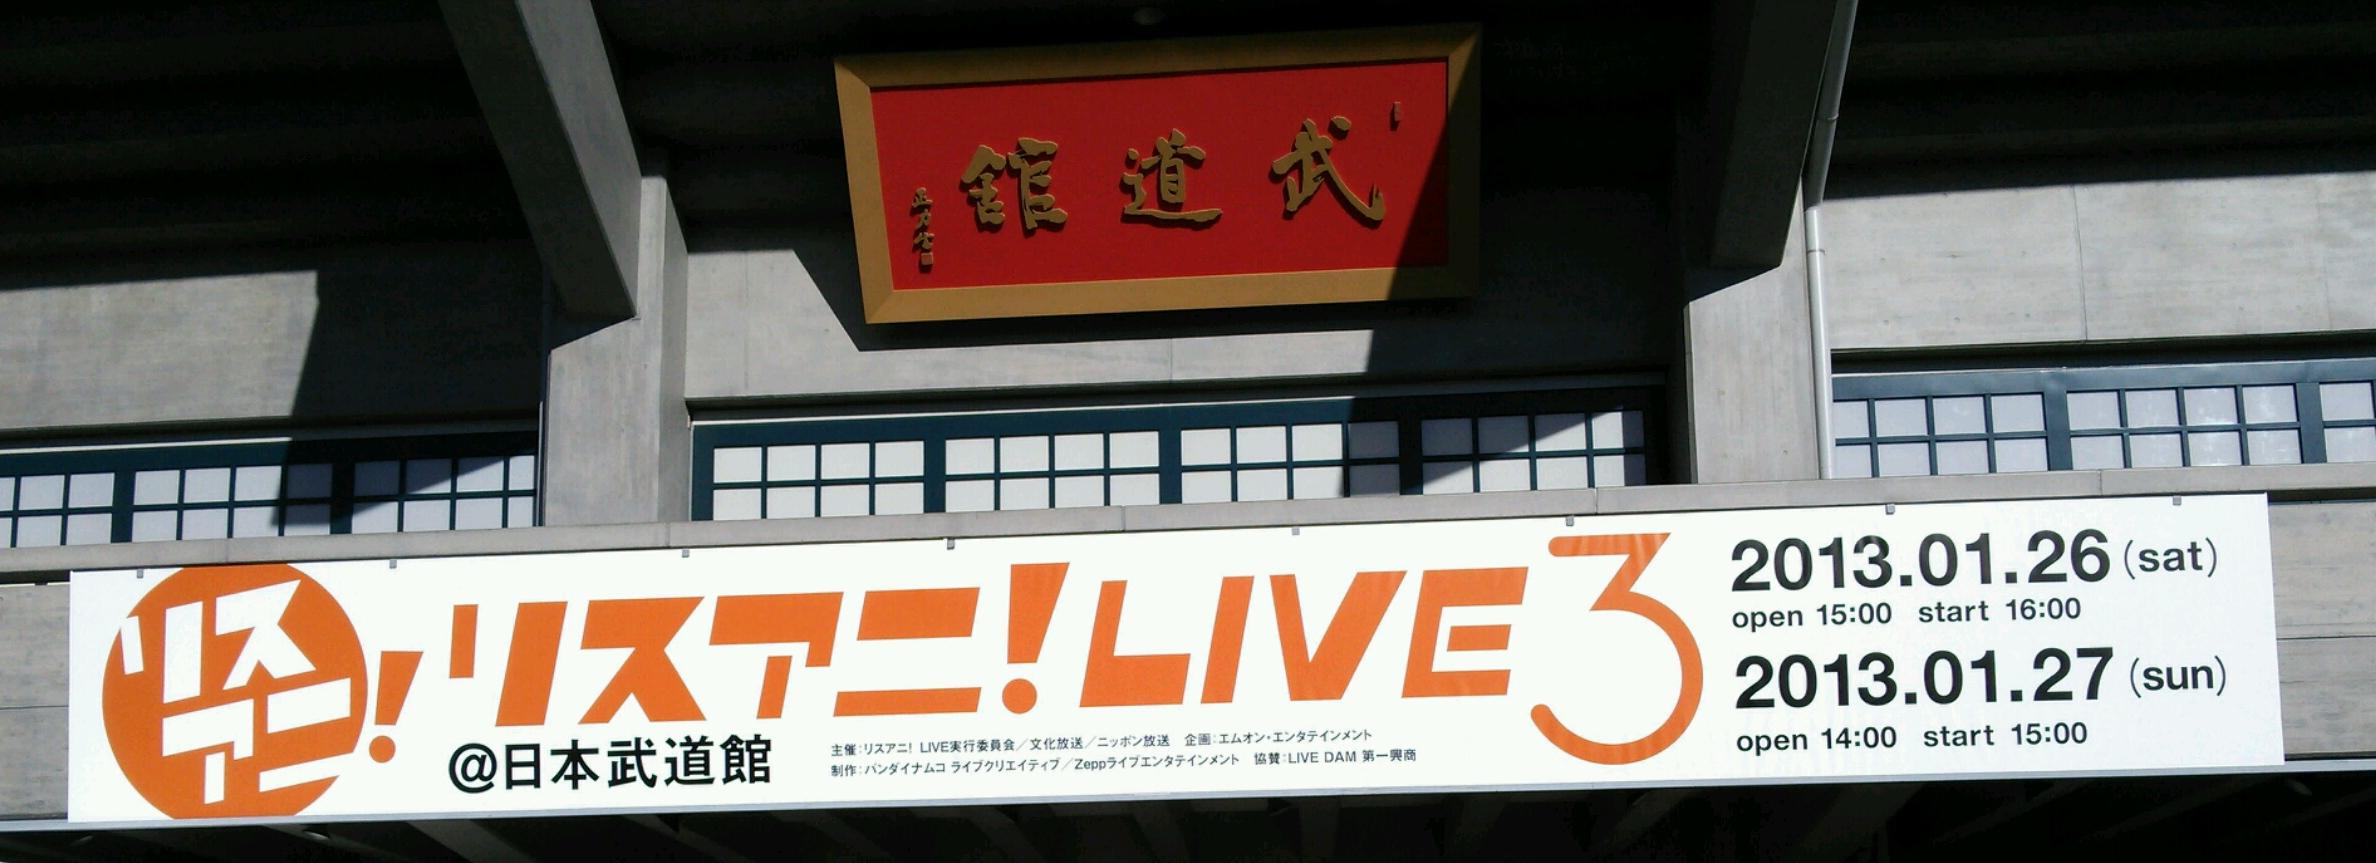 lisani_live_002.jpg